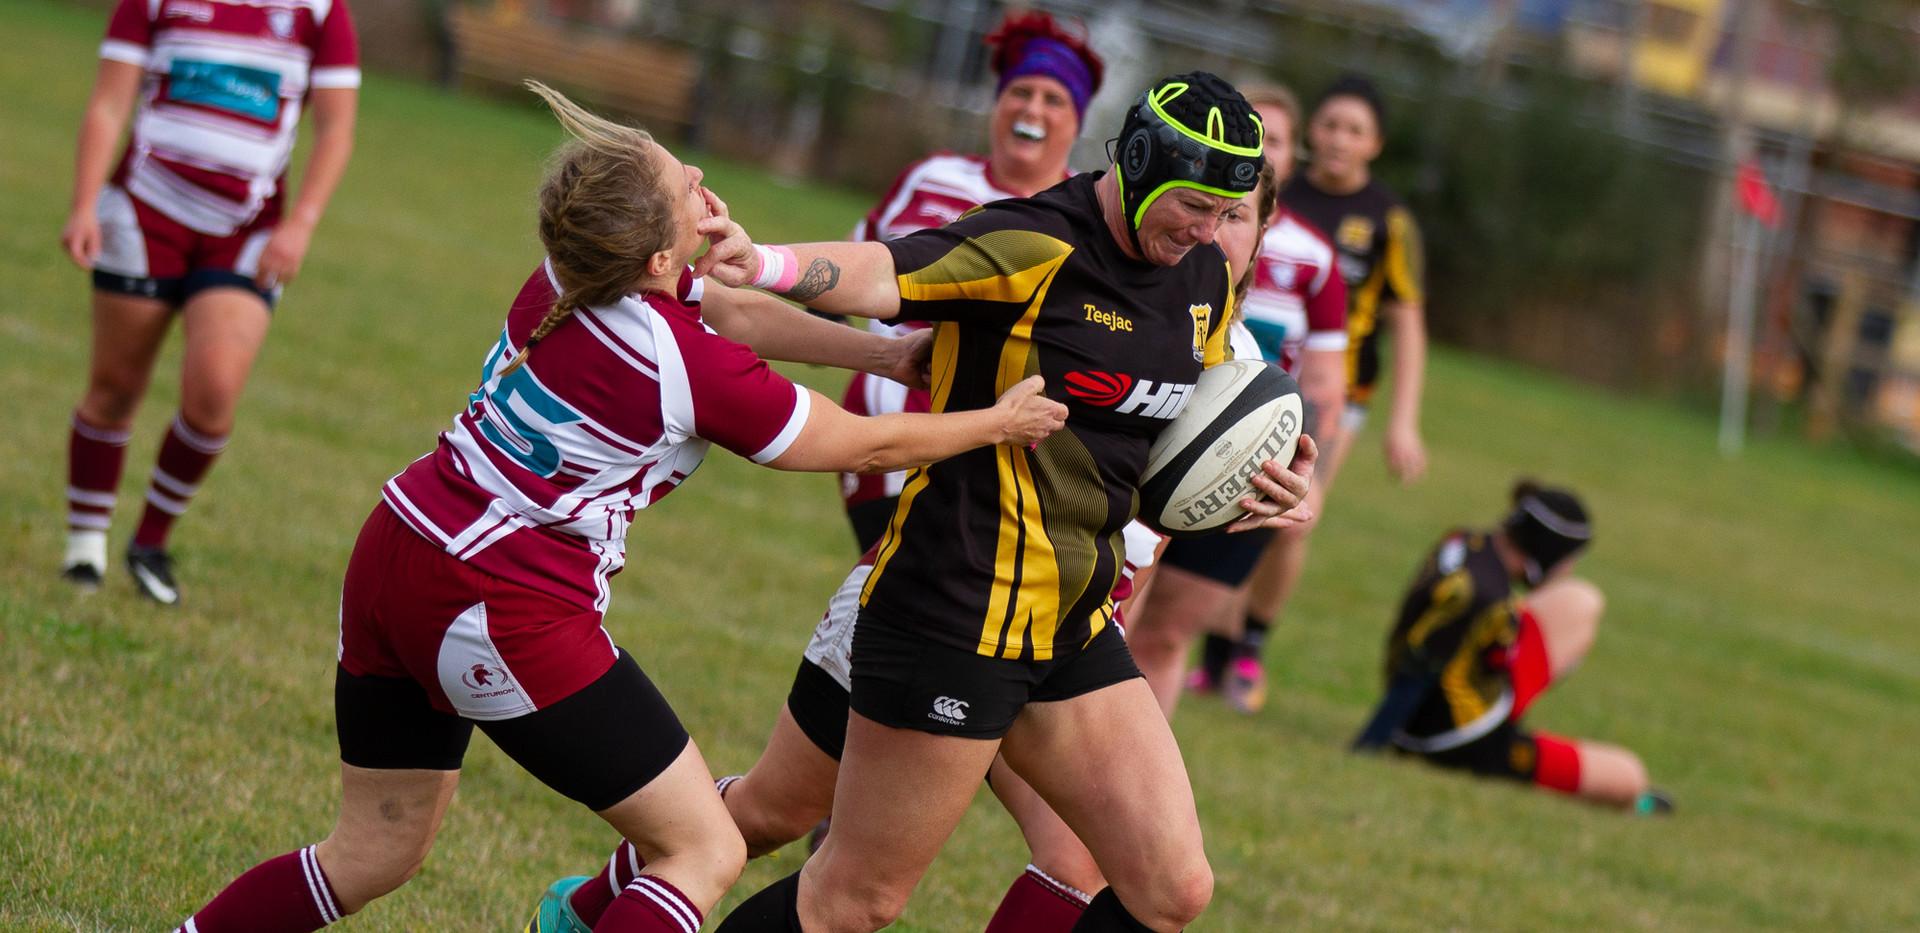 Ladies Rugby